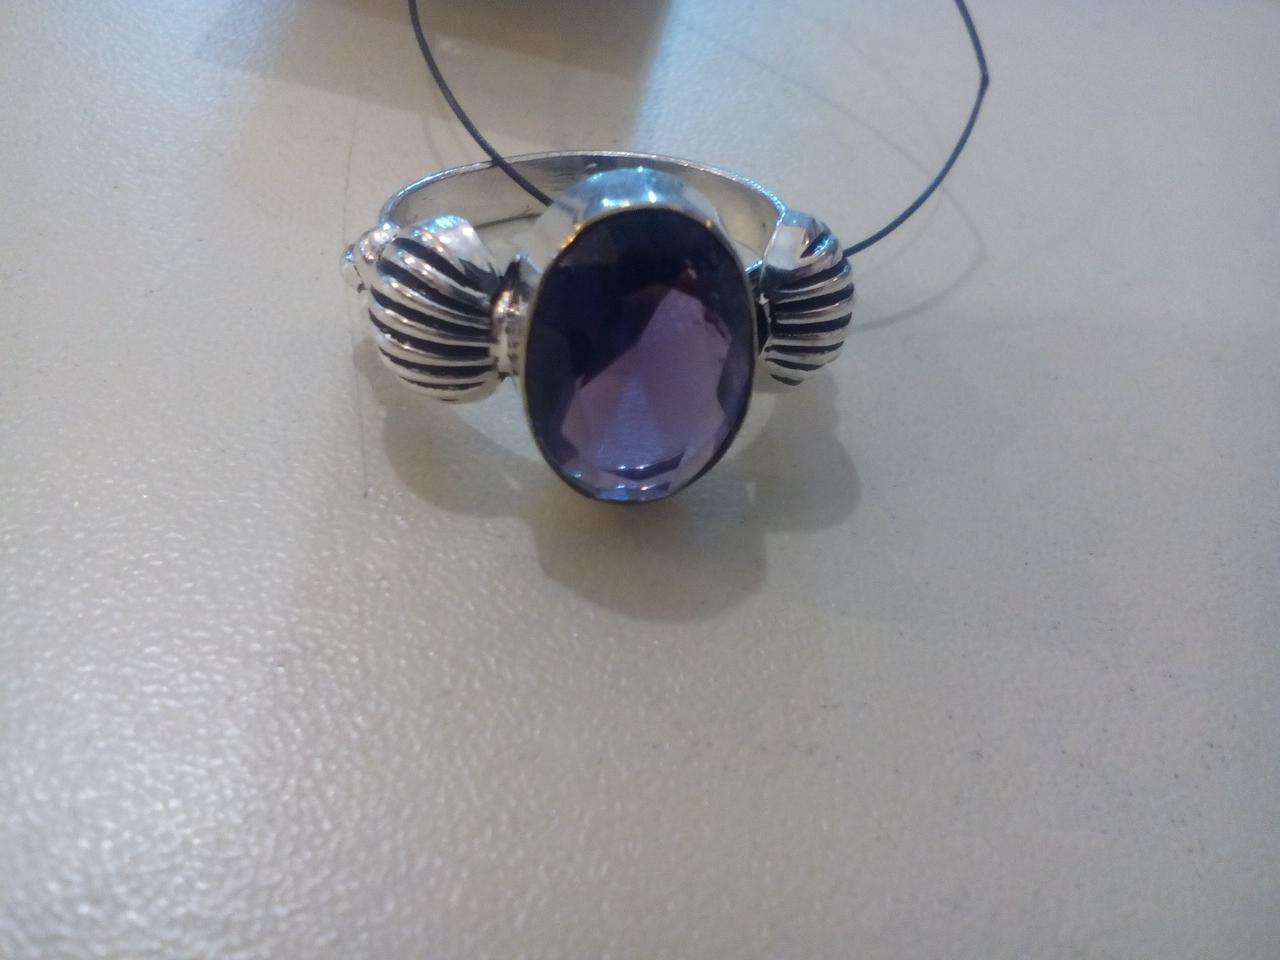 Кольцо с камнем аметист в серебре 19 размер Индия